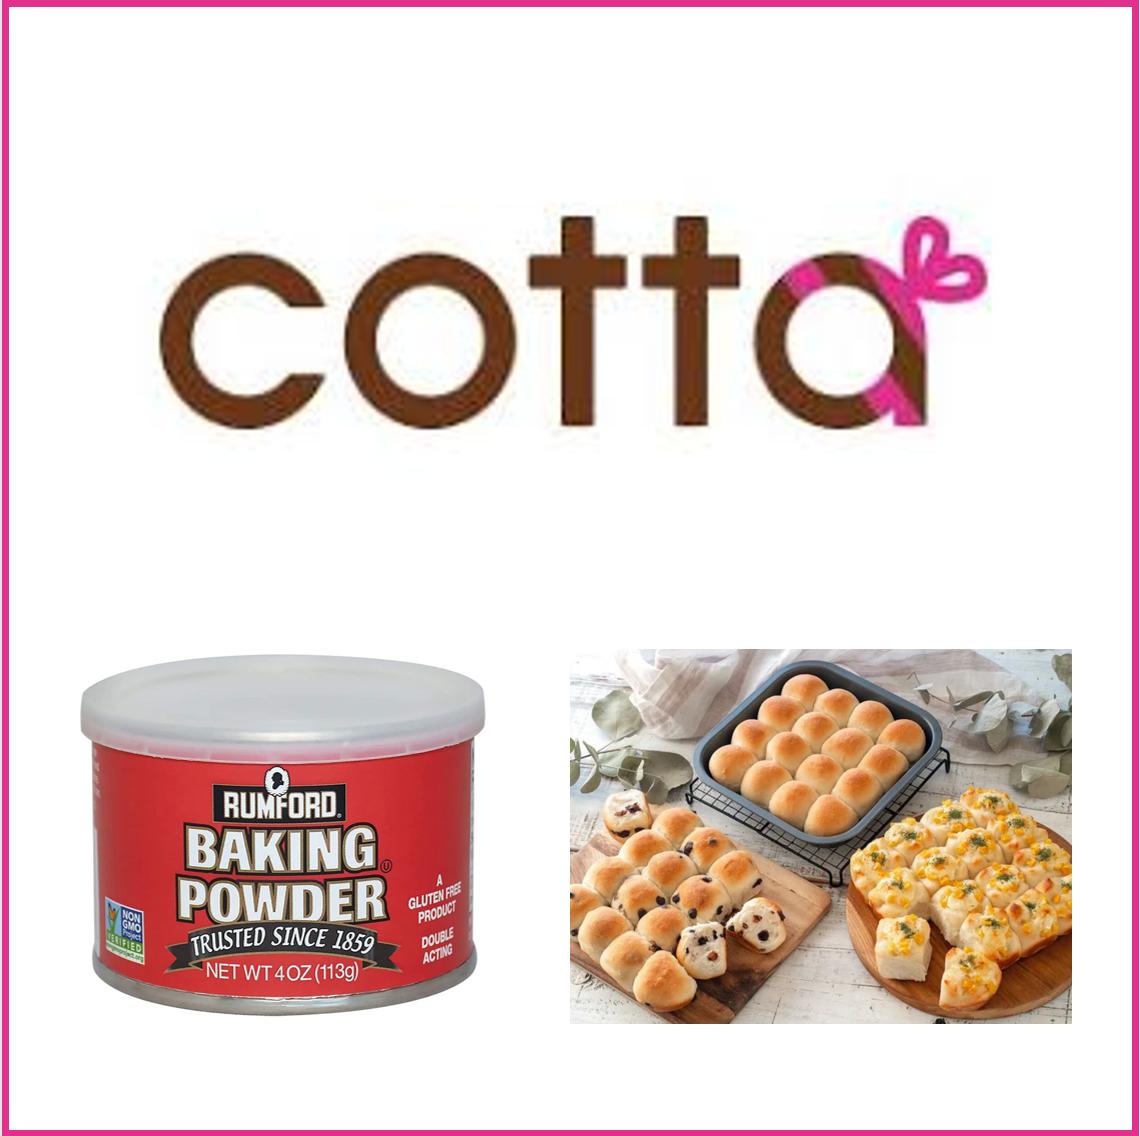 cotta(コッタ)の割引クーポンコード情報!使い方からおトクな買い物方法まで紹介